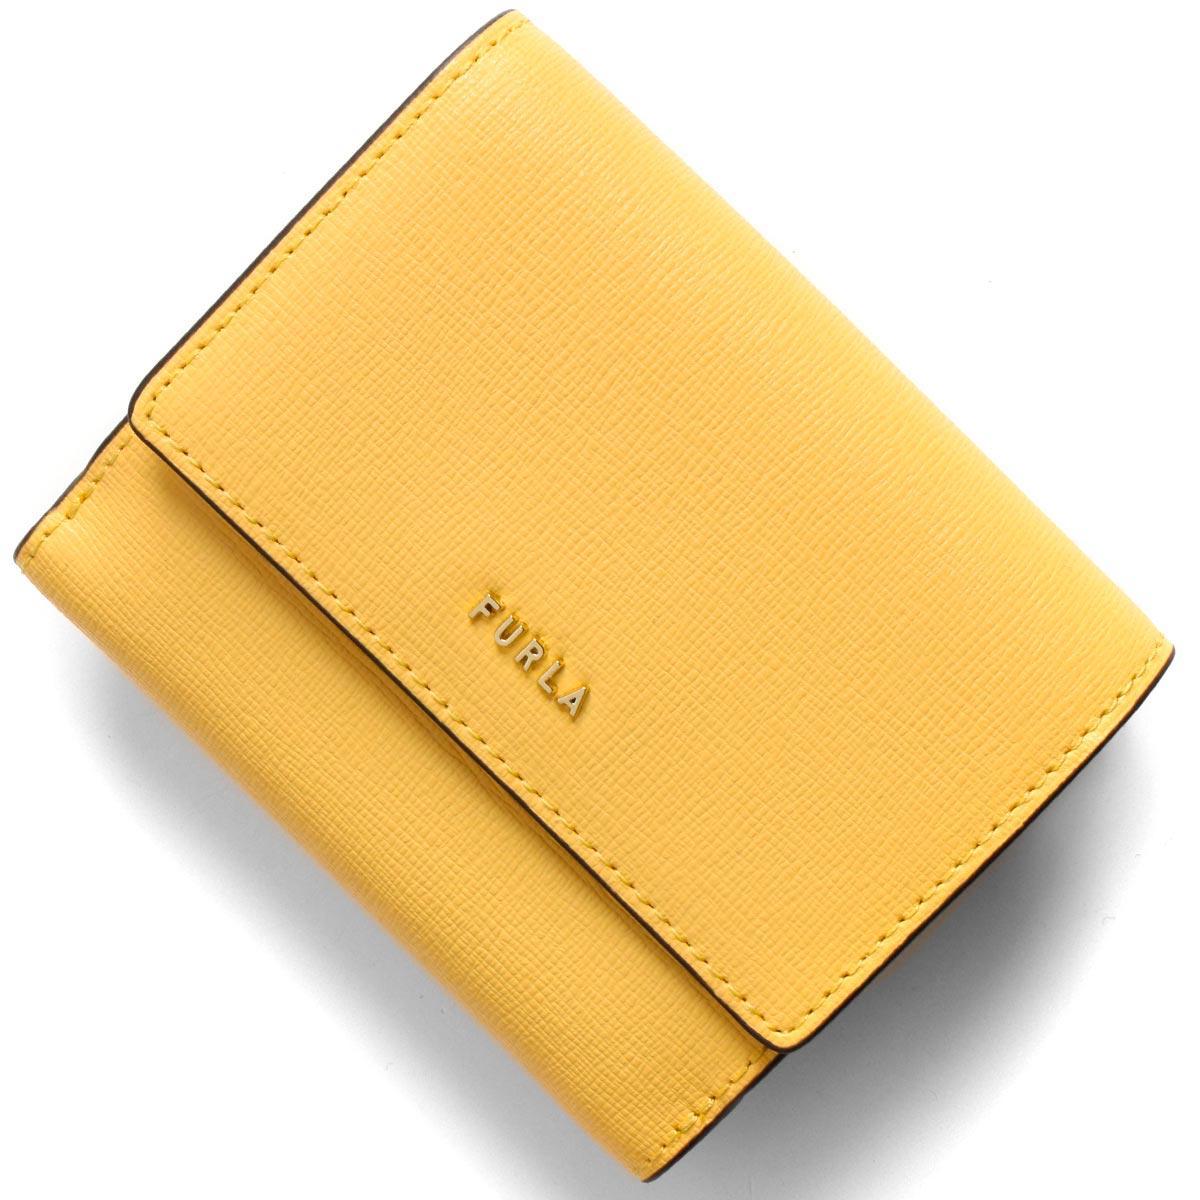 フルラ 二つ折り財布 財布 レディース バビロン スモール ソールイエロー PCY8 B30 01A 1056970 FURLA